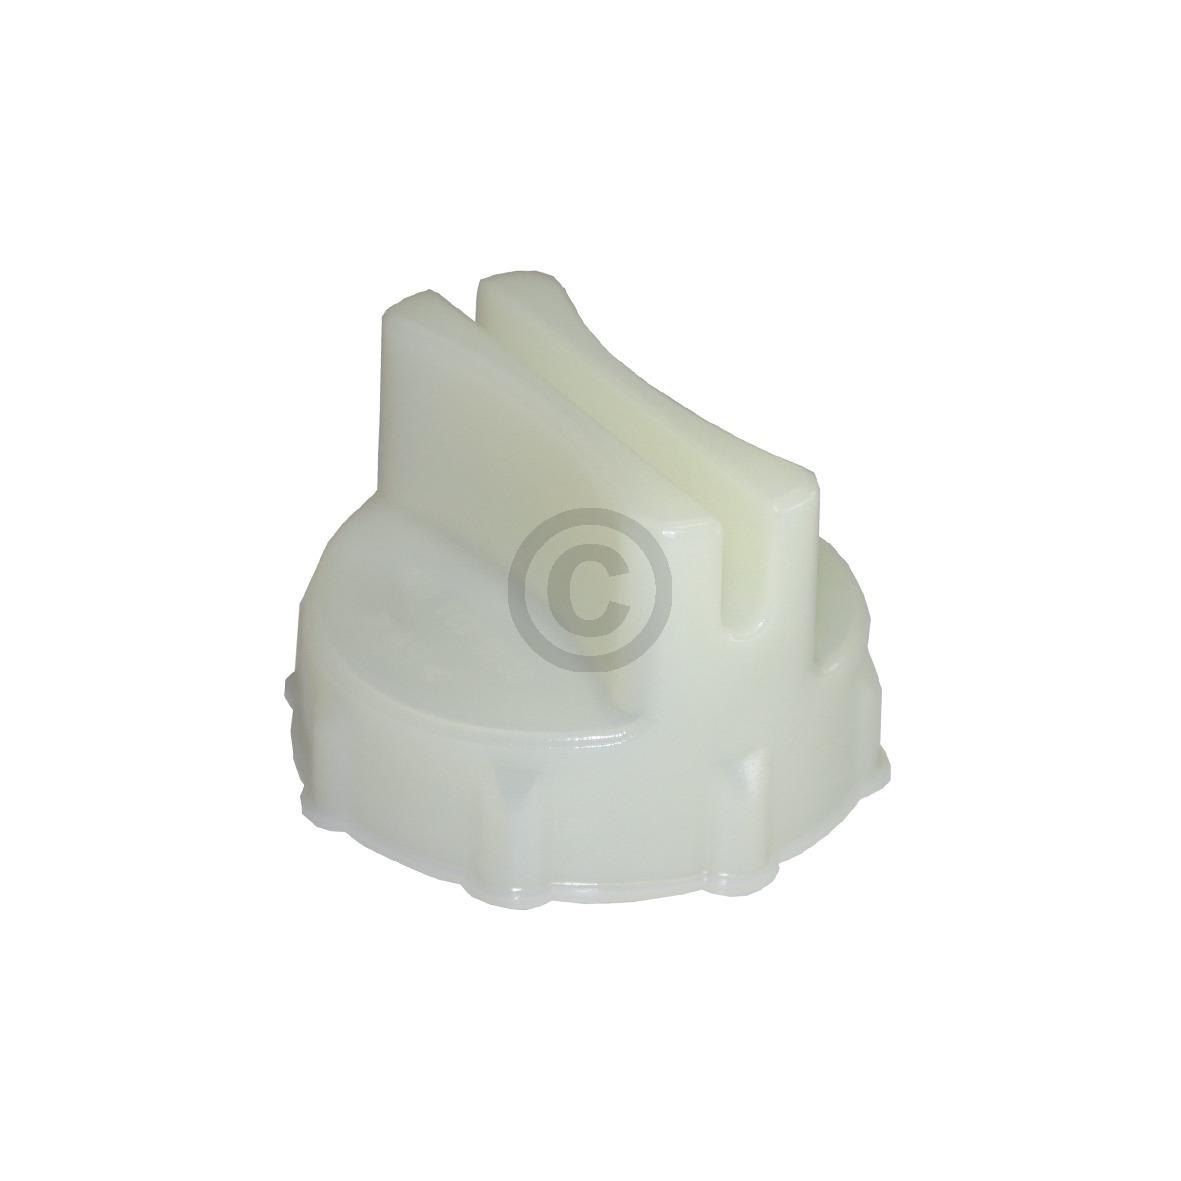 Lampenabdeckung Bosch 00647309 68mmØ Glashaube für Backofen